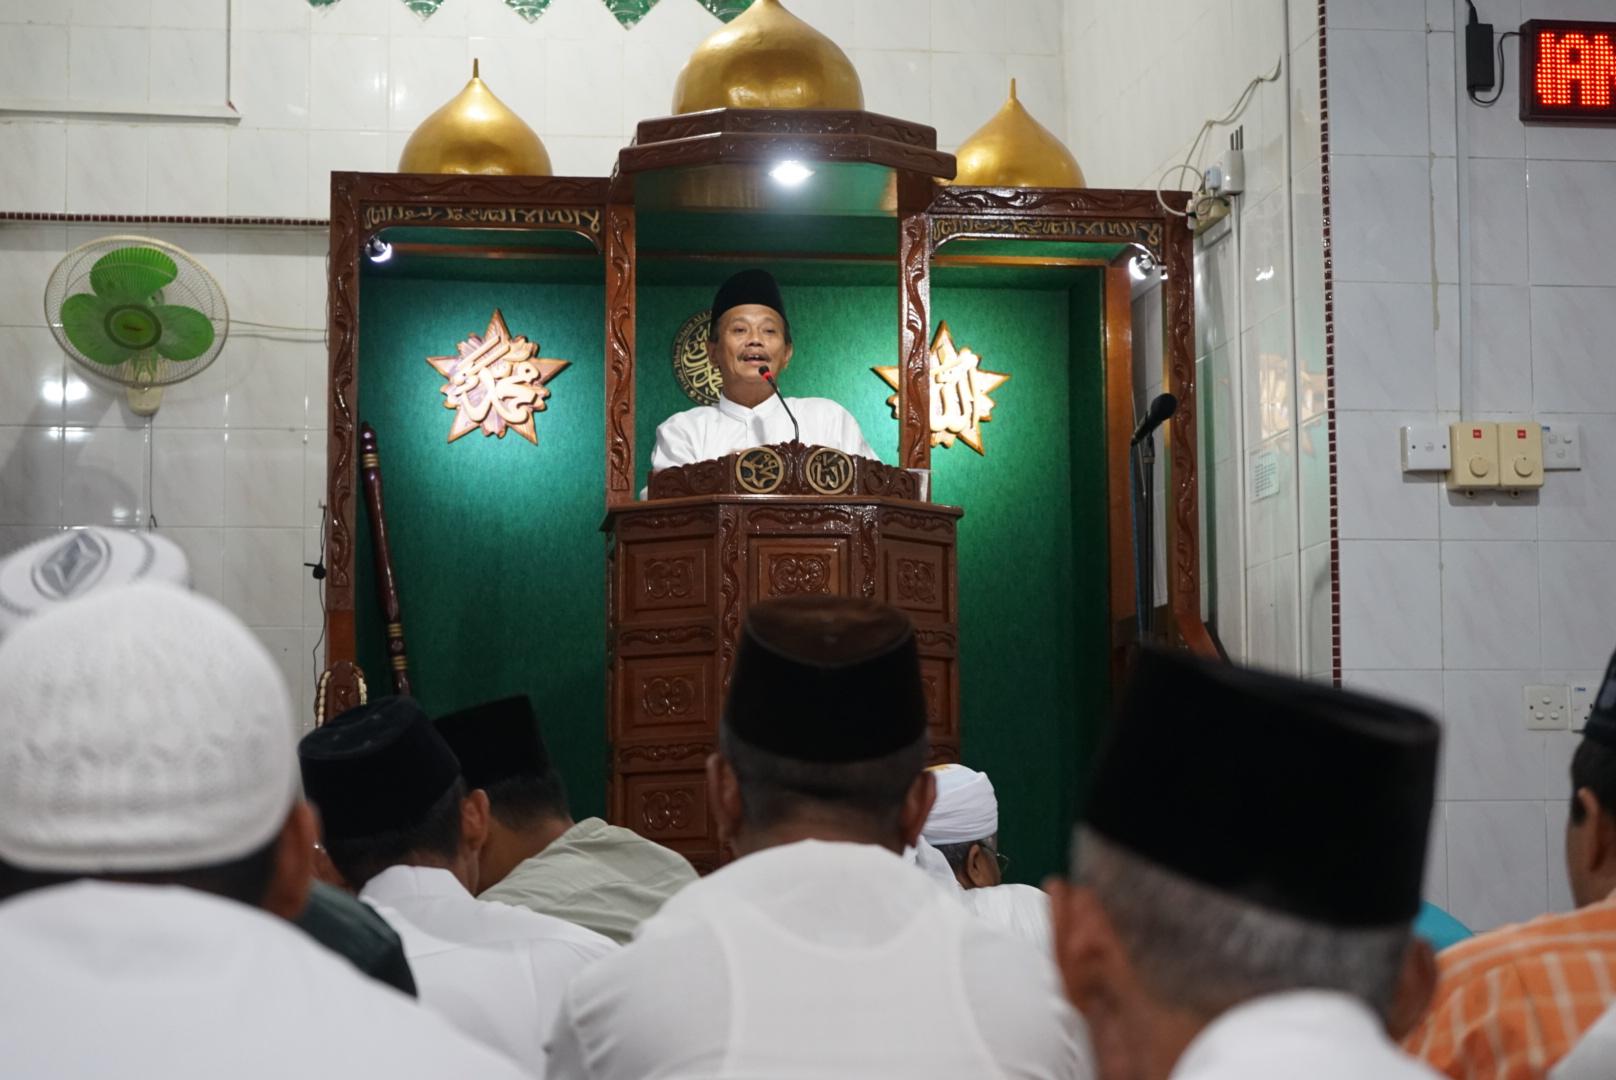 Pj Walikota Tanjungpinang Buka Puasa Bersama di Masjid Besar Al Azhar